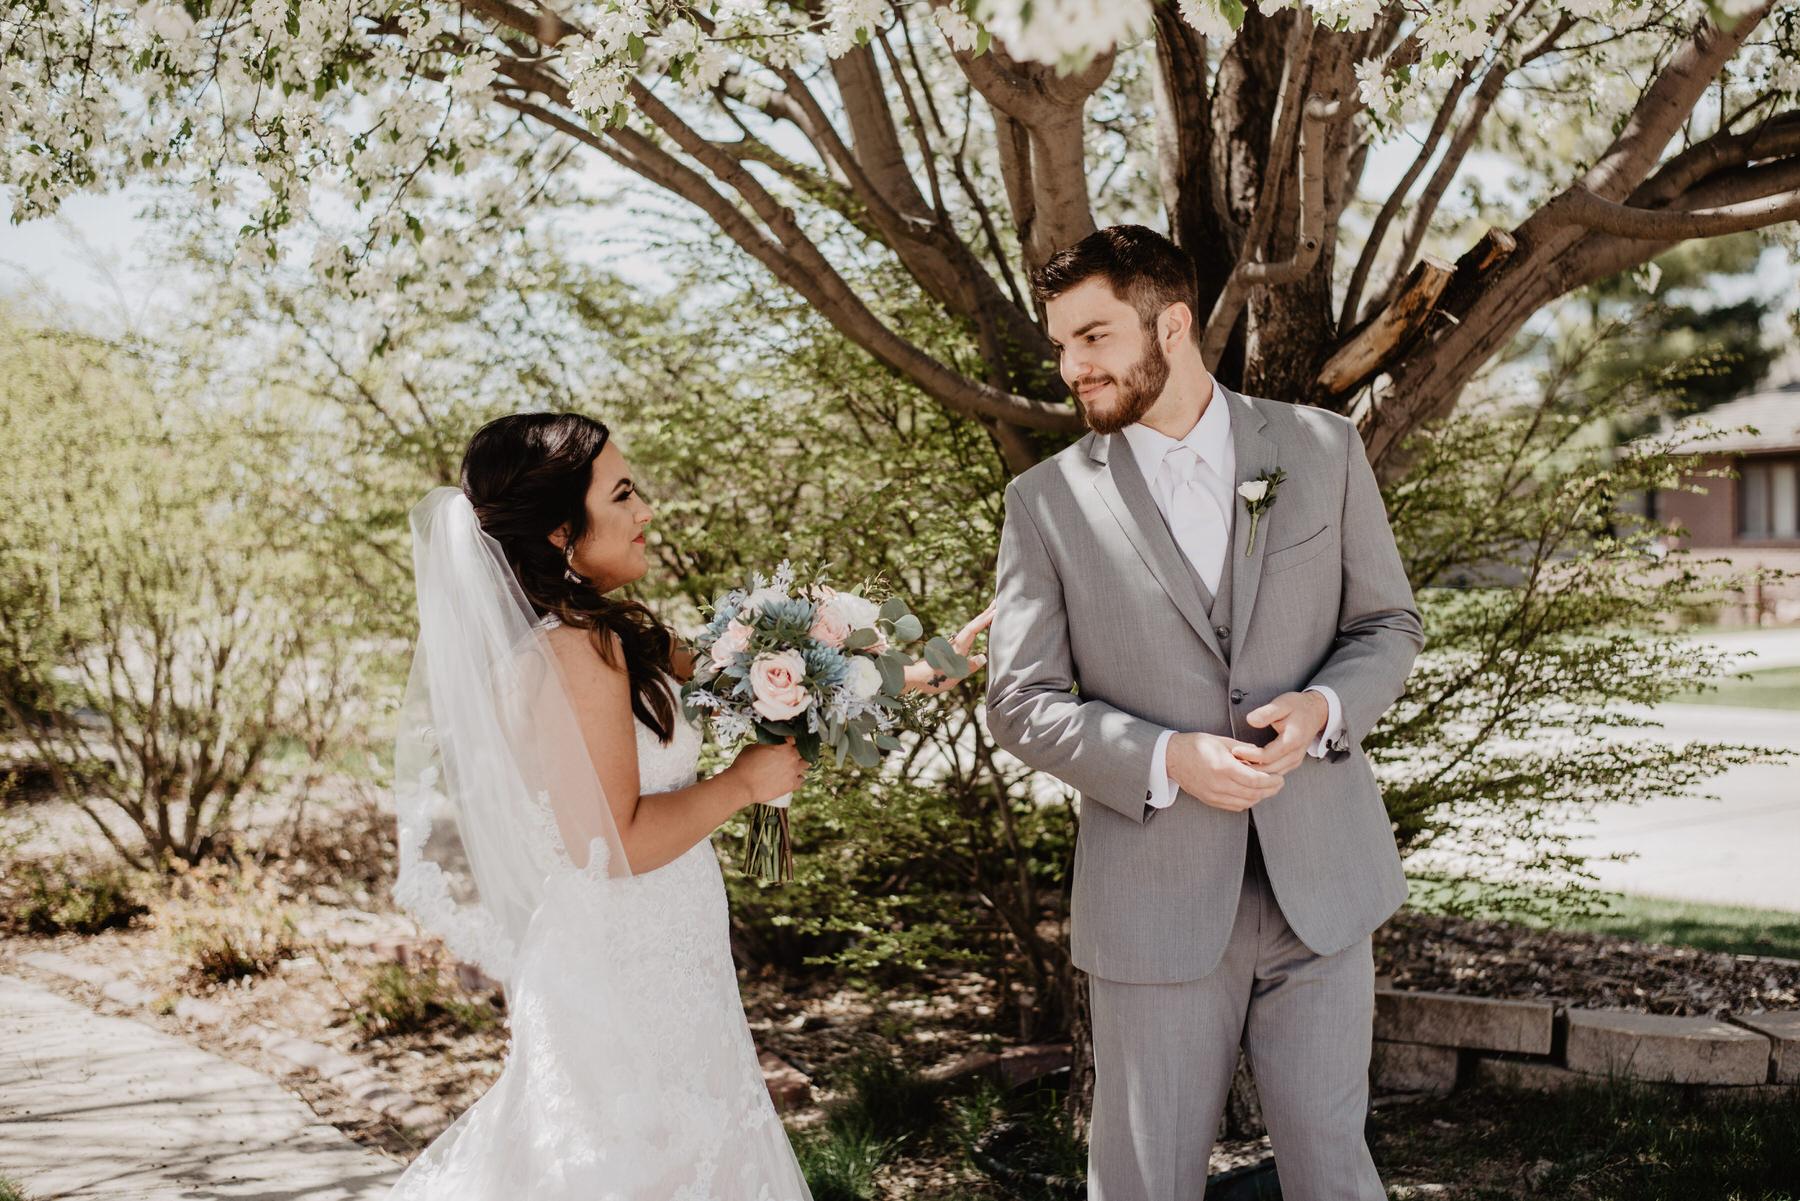 Kaylie-Sirek-Photography-Kearney-Nebraska-Wedding-038.jpg